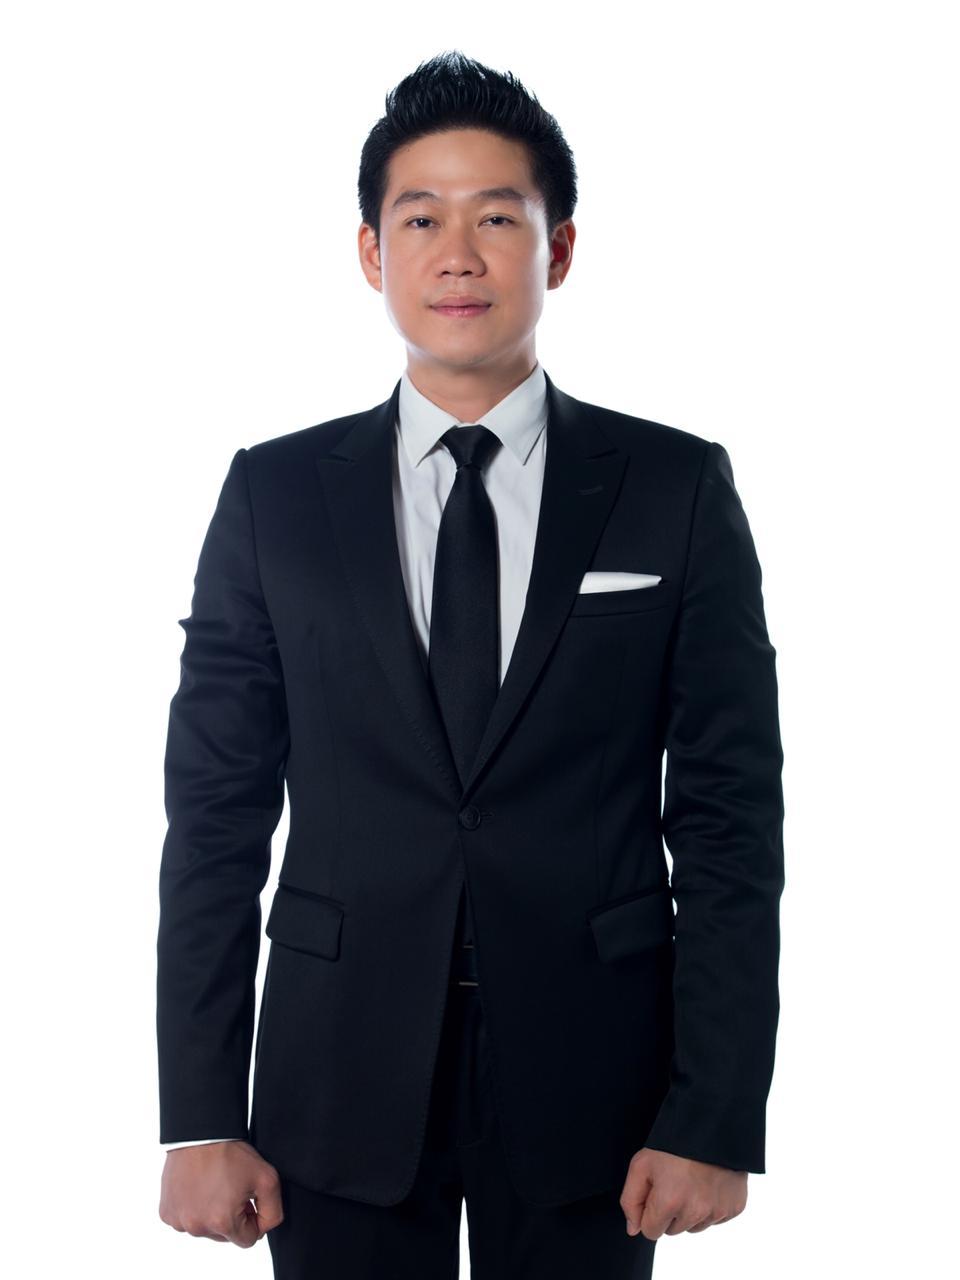 David Fernando Audy - CEO | PT Media Nusantara Citra Tbk